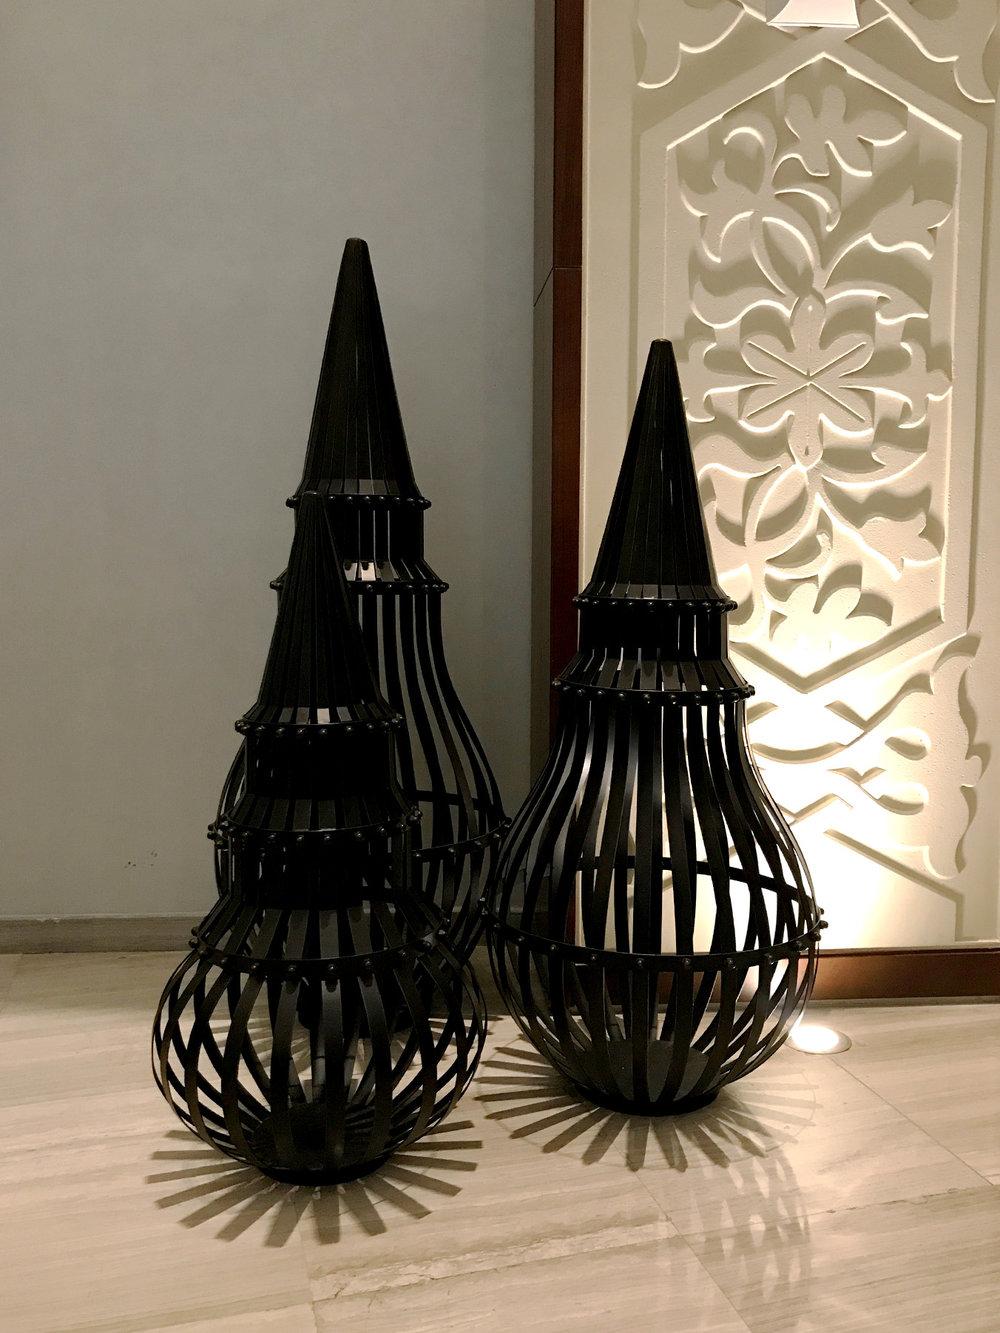 11-capsule-arts-projects-bay-la-sun-accessories.jpg